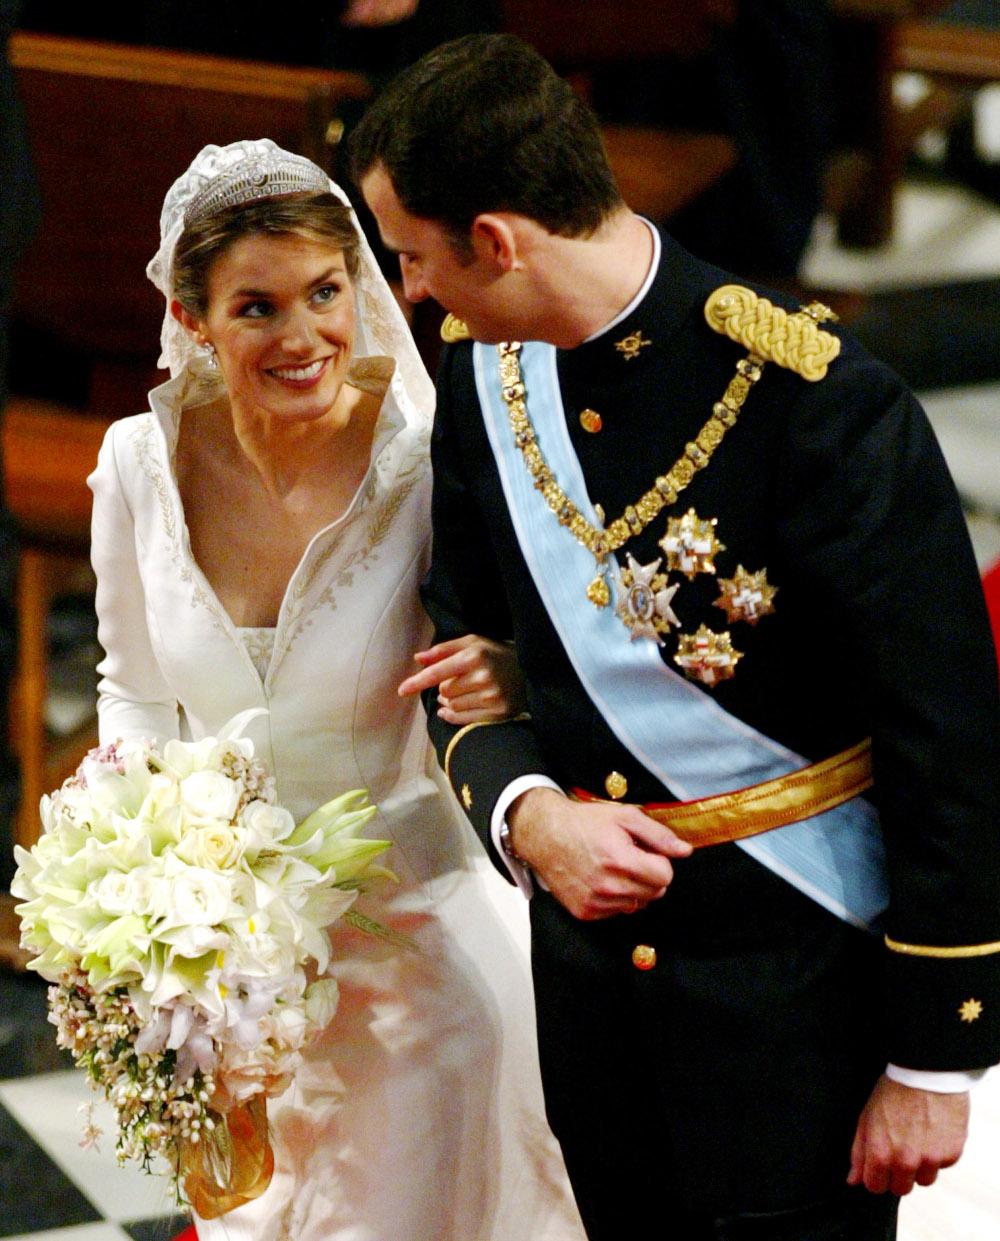 15 χρόνια γάμου κλείνουν ο βασιλιάς Φελίπε και η βασίλισσα Λετίθια της Ισπανίας